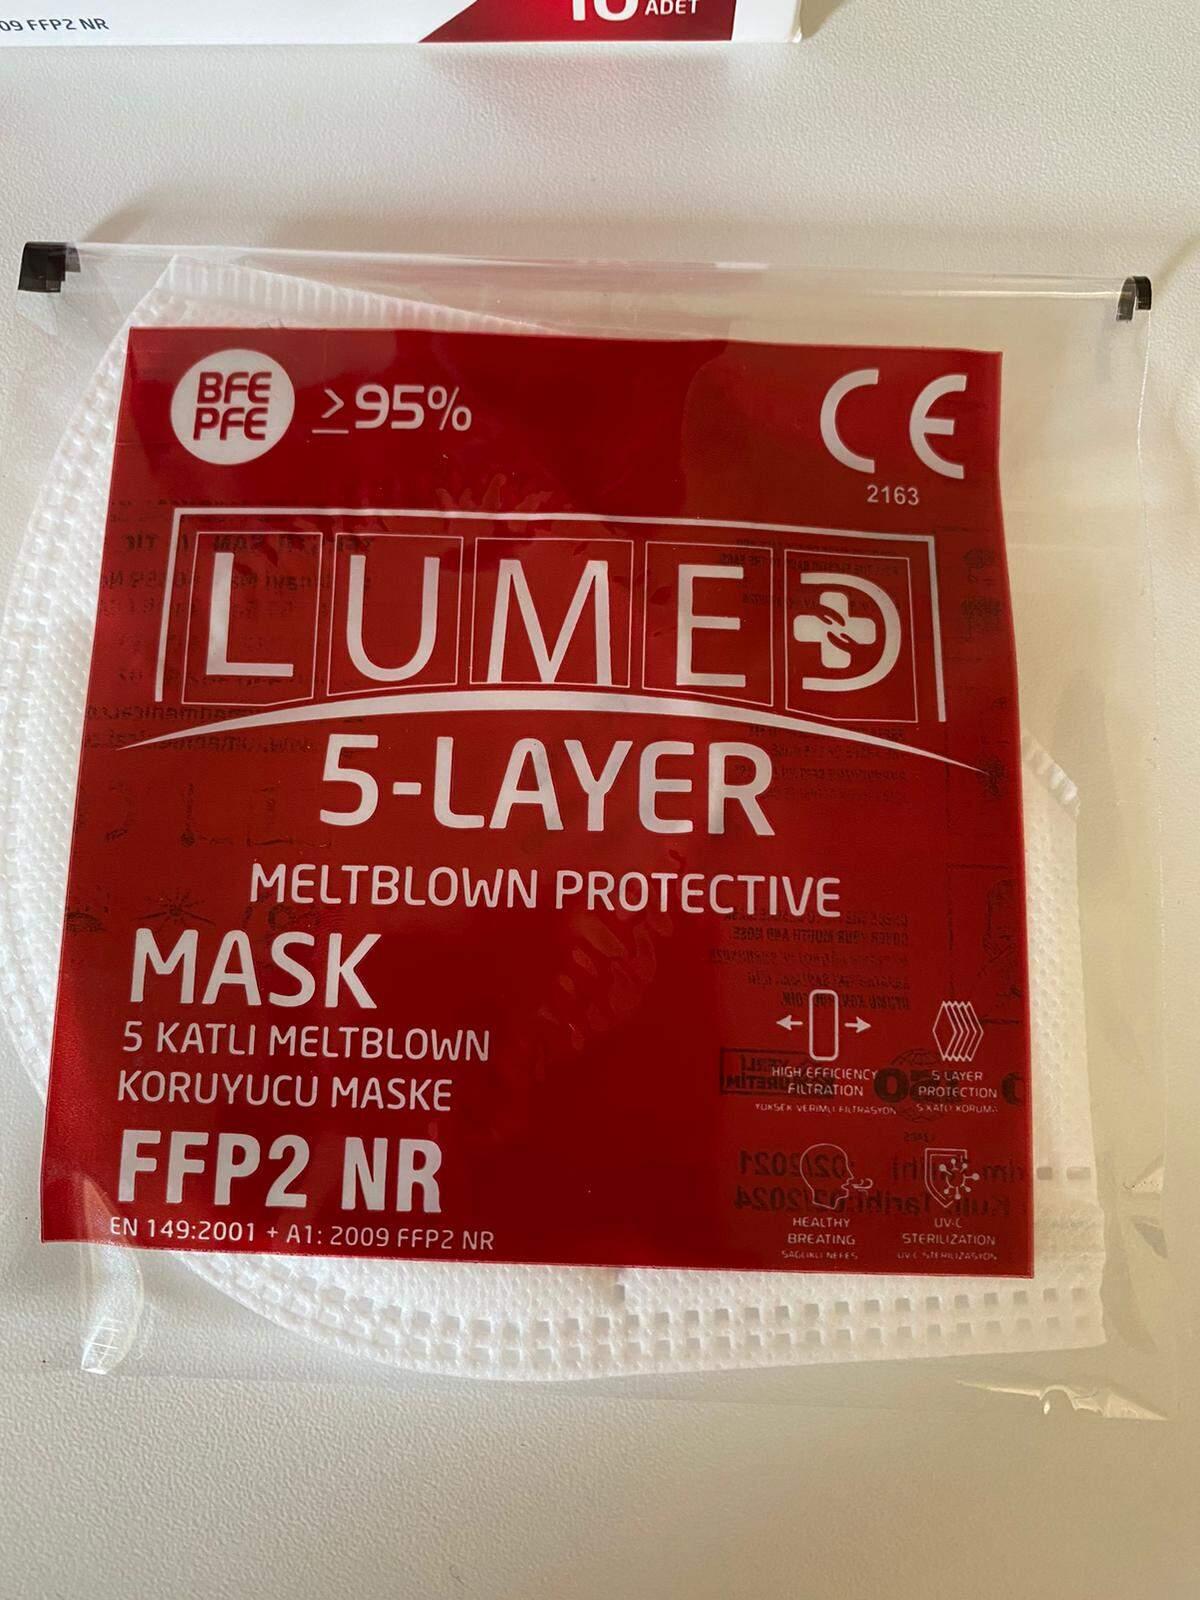 LM1 5 Katlı Meltblown Koruyucu Maske FFP2. 1 ADET